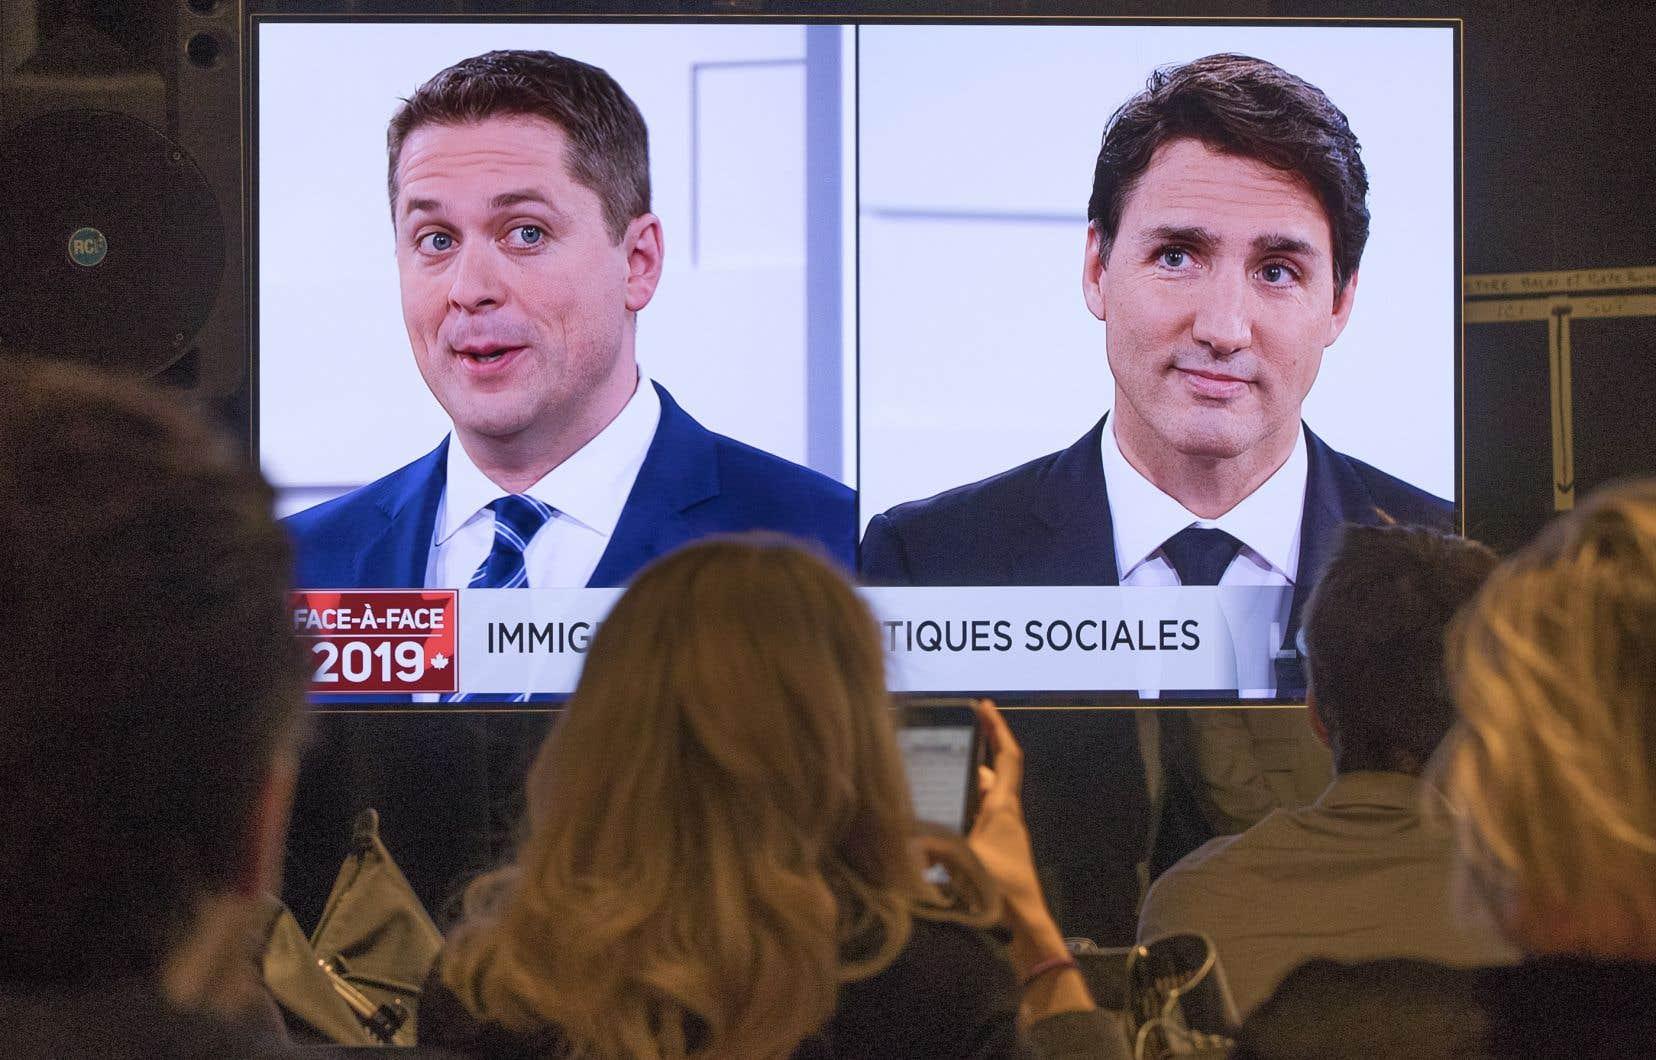 Le chef conservateur, Andrew Scheer, et le chef libéral, Justin Trudeau